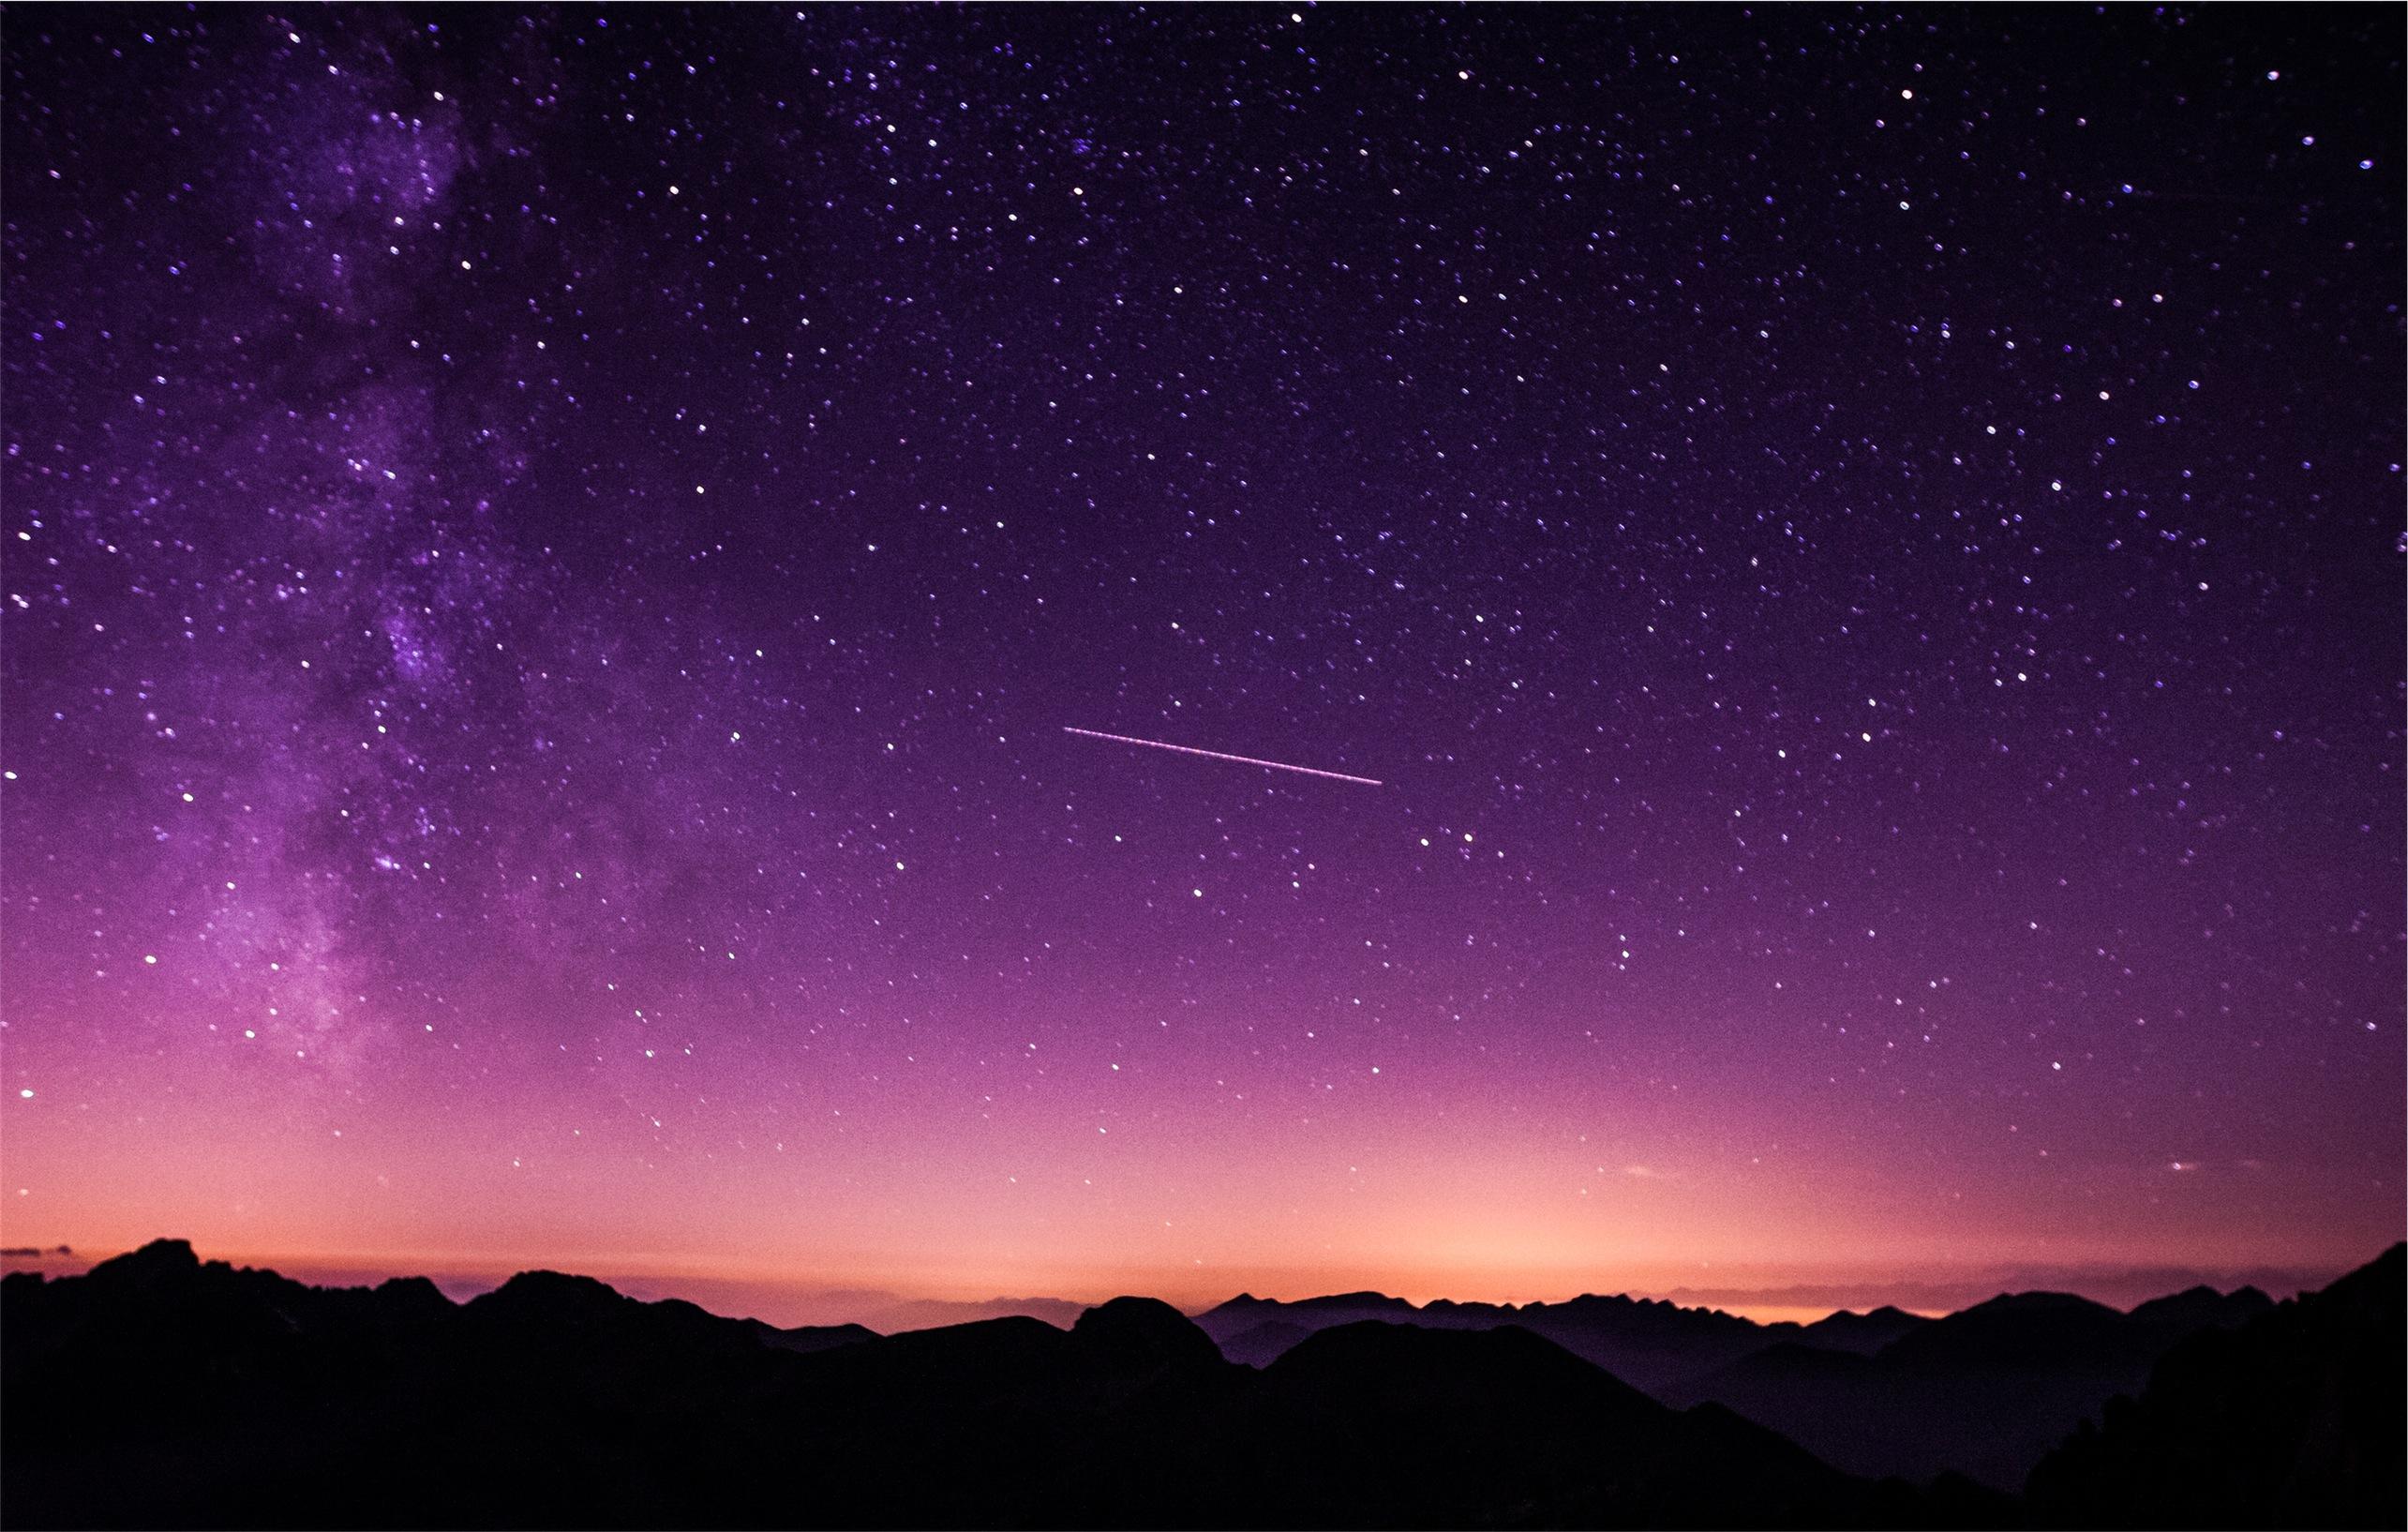 Shooting Stars In Purple Sky